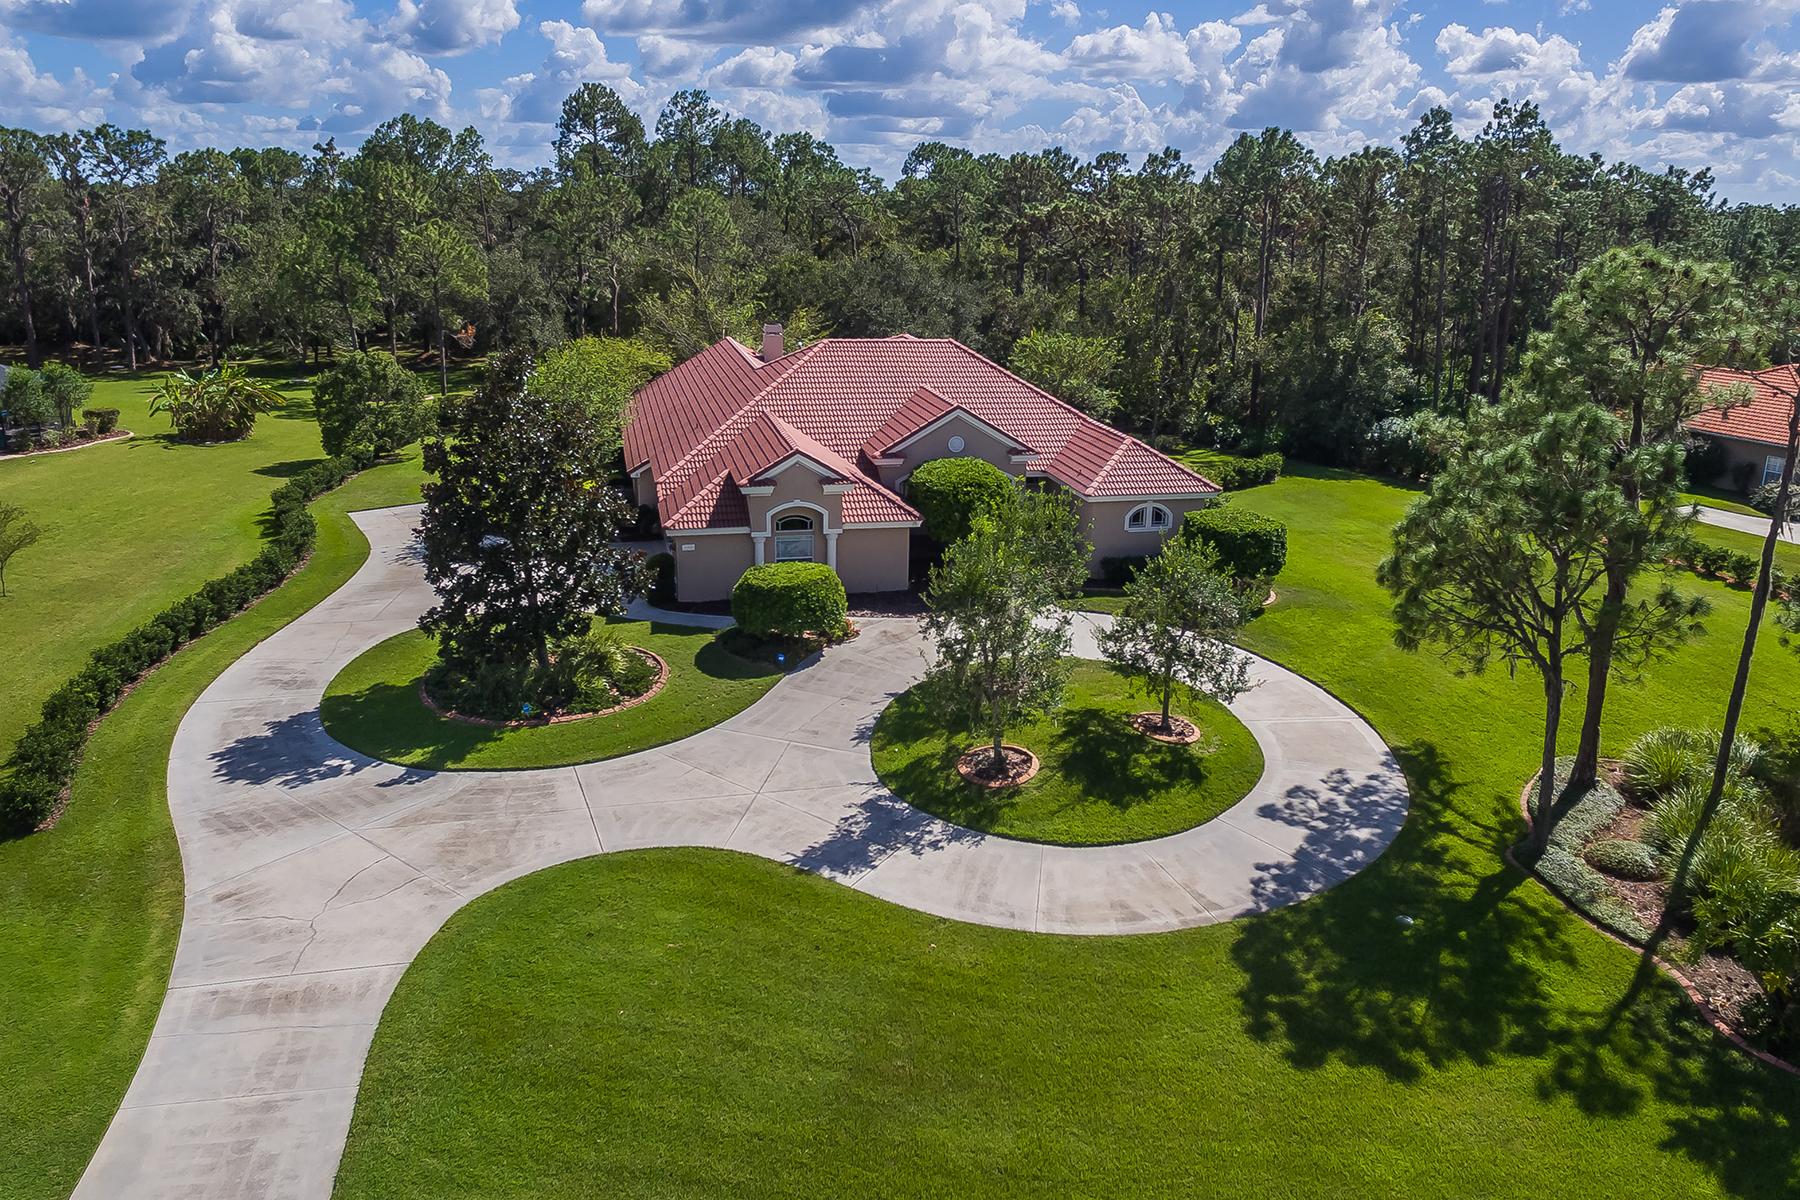 Частный односемейный дом для того Продажа на PRESERVE AT PANTHER RIDGE 21808 Deer Pointe, Bradenton, Флорида, 34202 Соединенные Штаты